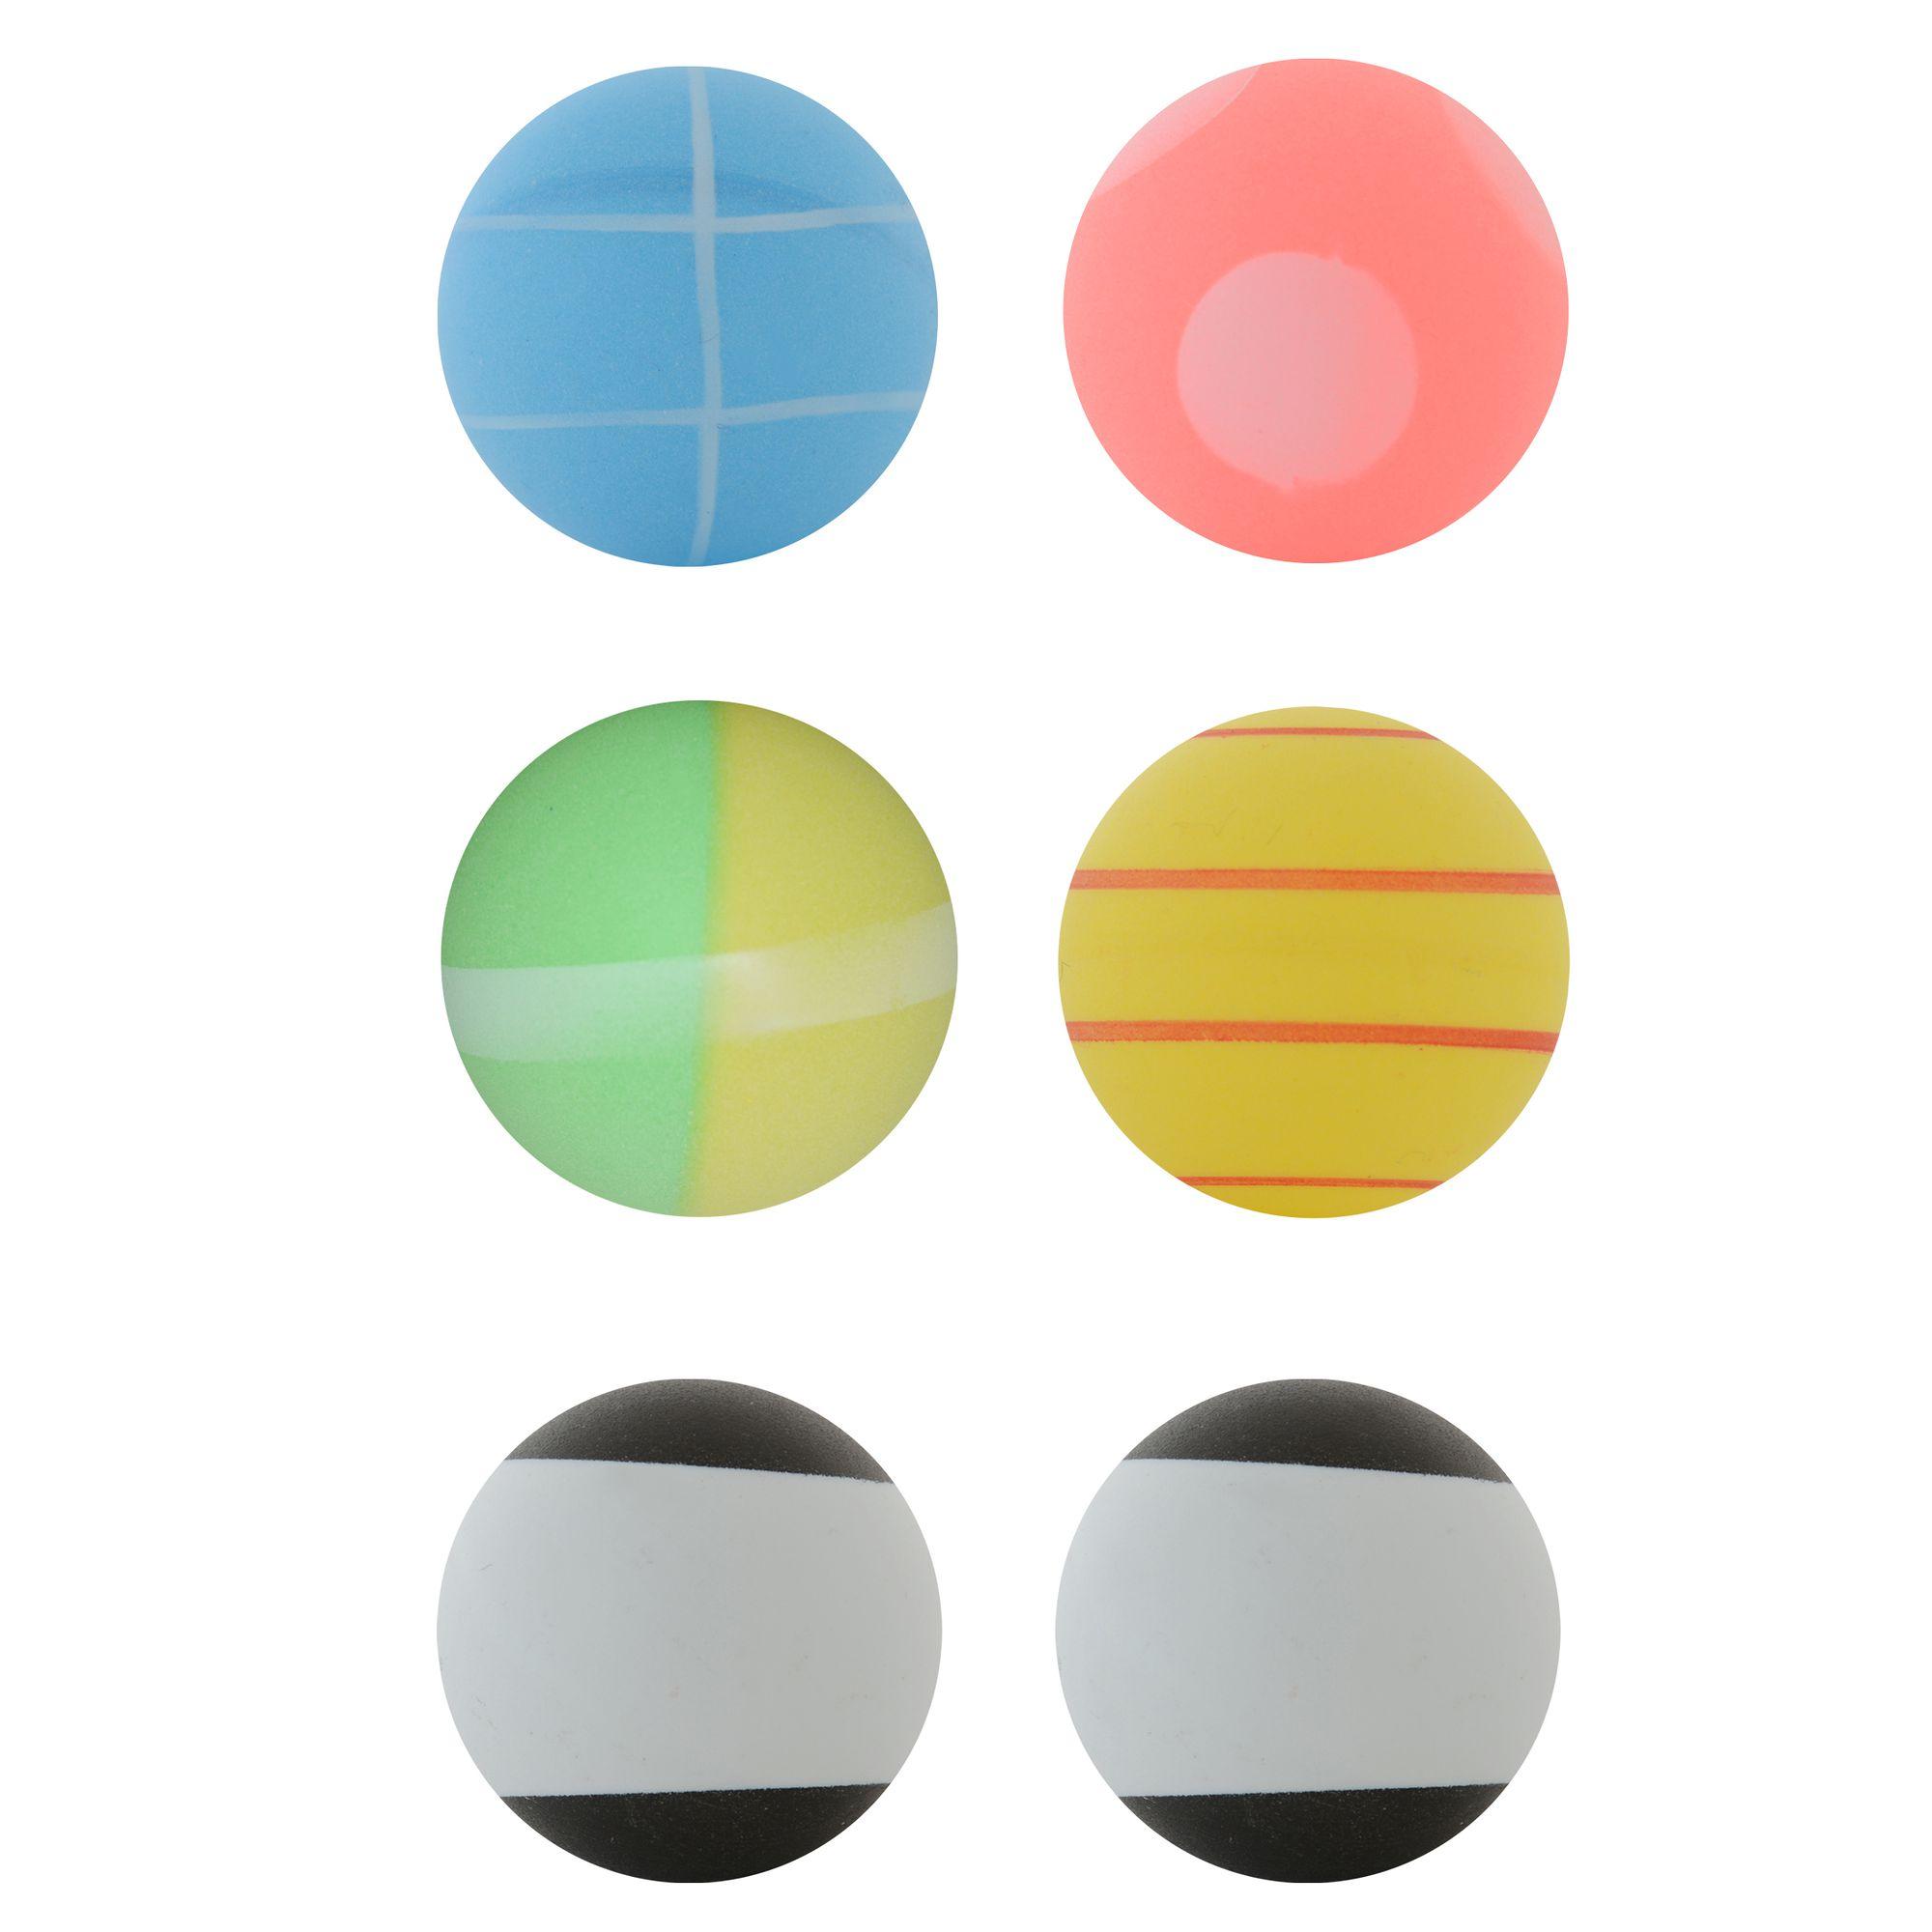 BALLES DE TENNIS DE TABLE ARTENGO FUN BALL LOT DE 6